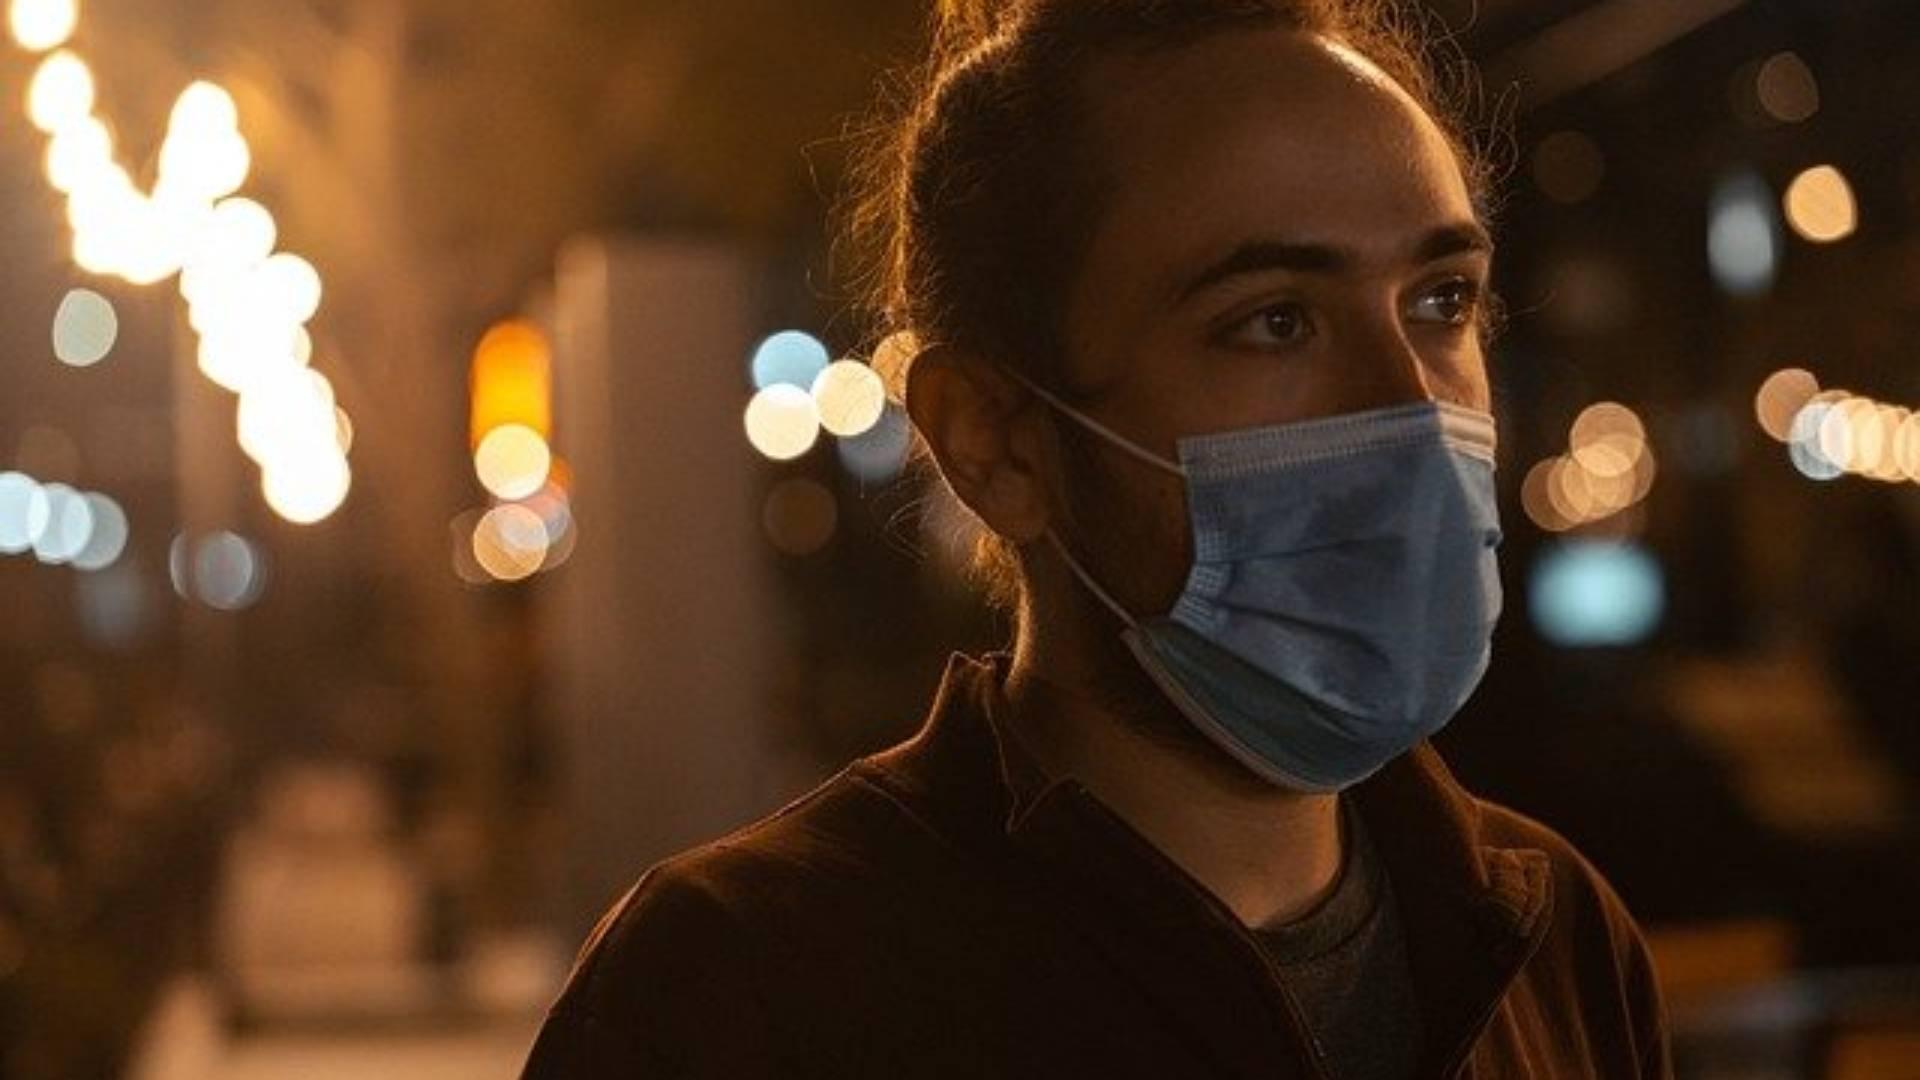 Kann man eigentlich eine chirurgische Maske waschen?